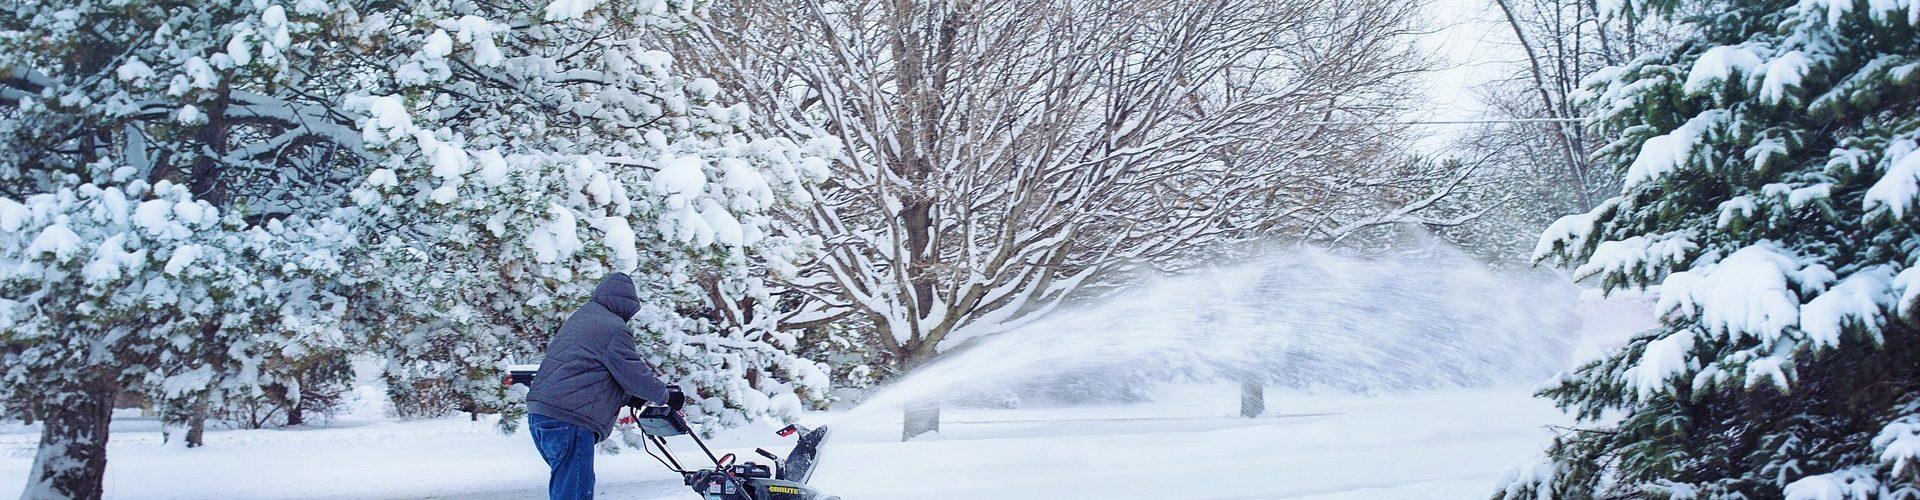 snowblower storage